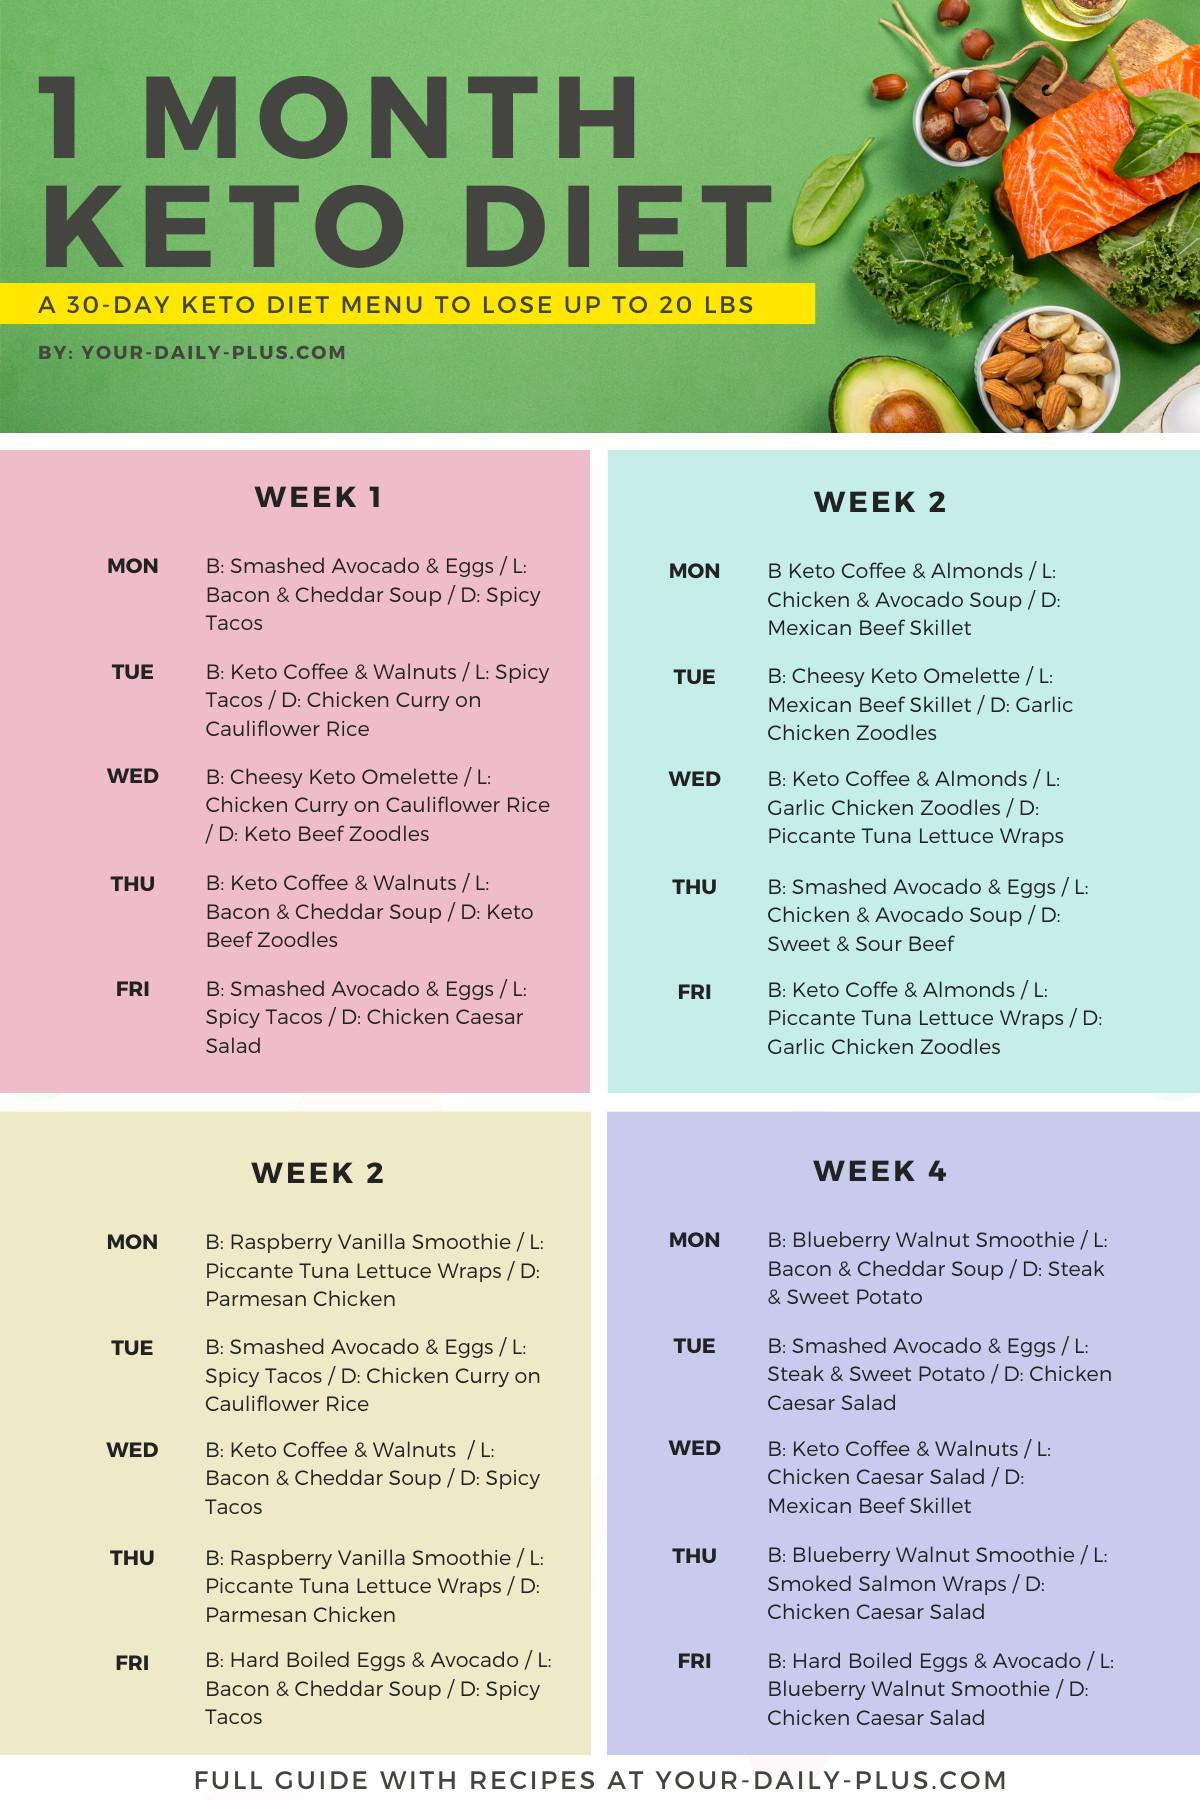 Keto Diet For Beginners Meal Plan Vegetarian  Keto Diet Menu 30 Day Keto Meal Plan For Beginners